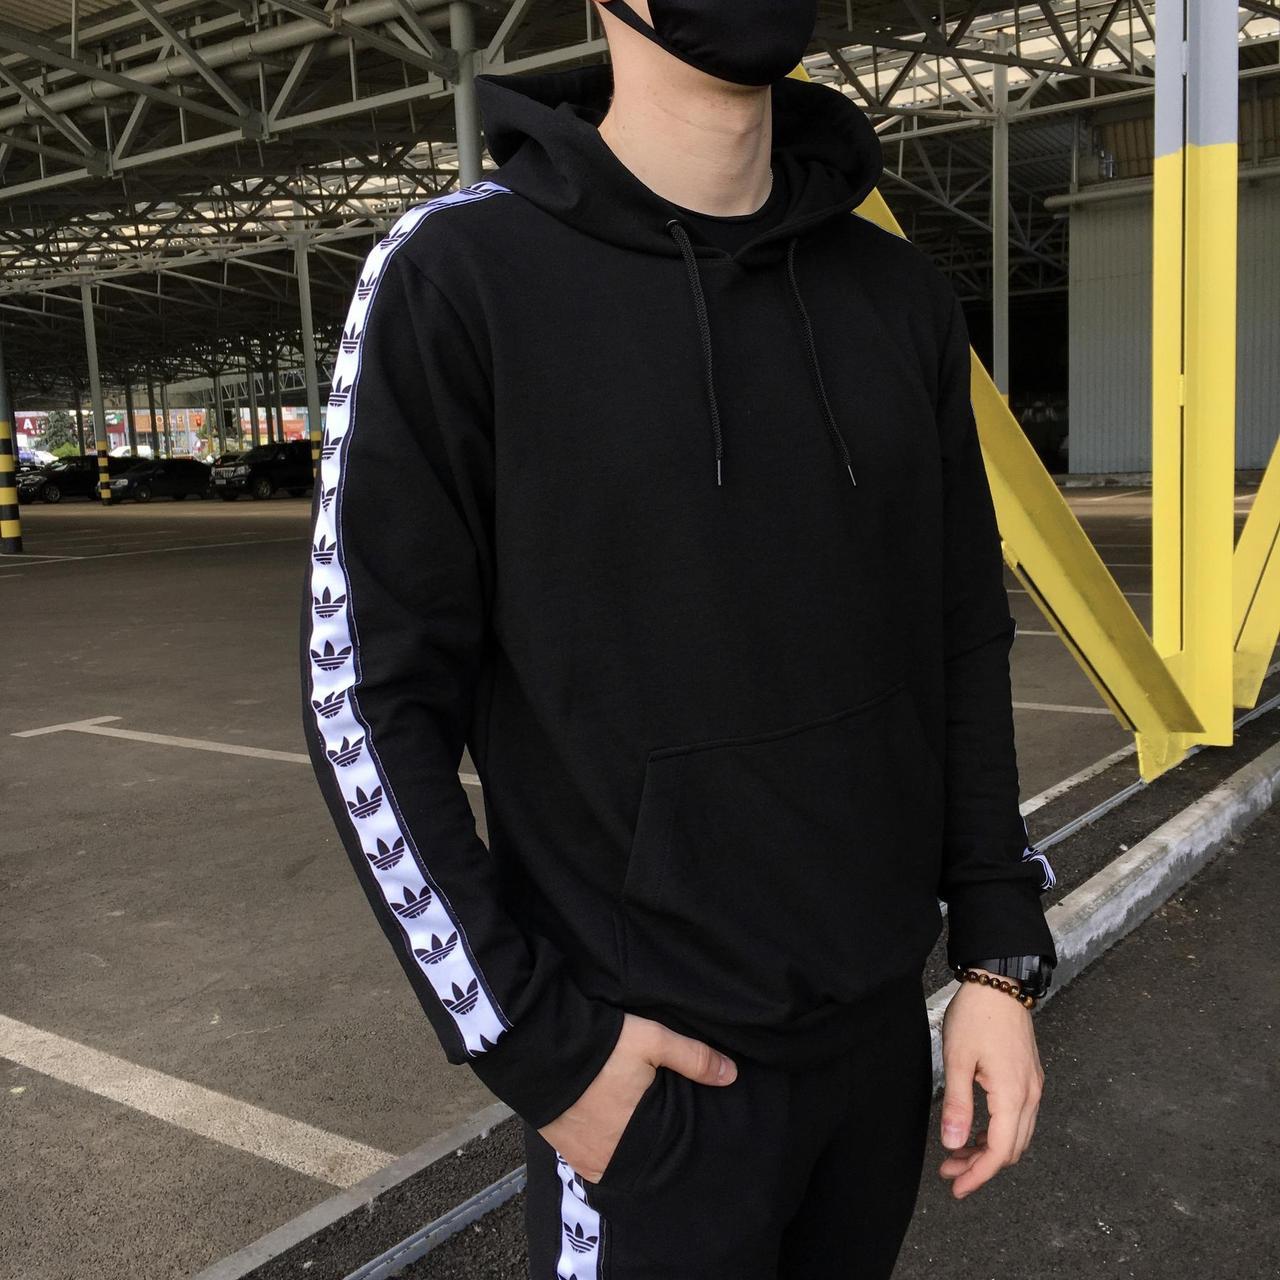 Худи мужская Adidas сезон весна/осень черного цвета в стиле Адидас XL